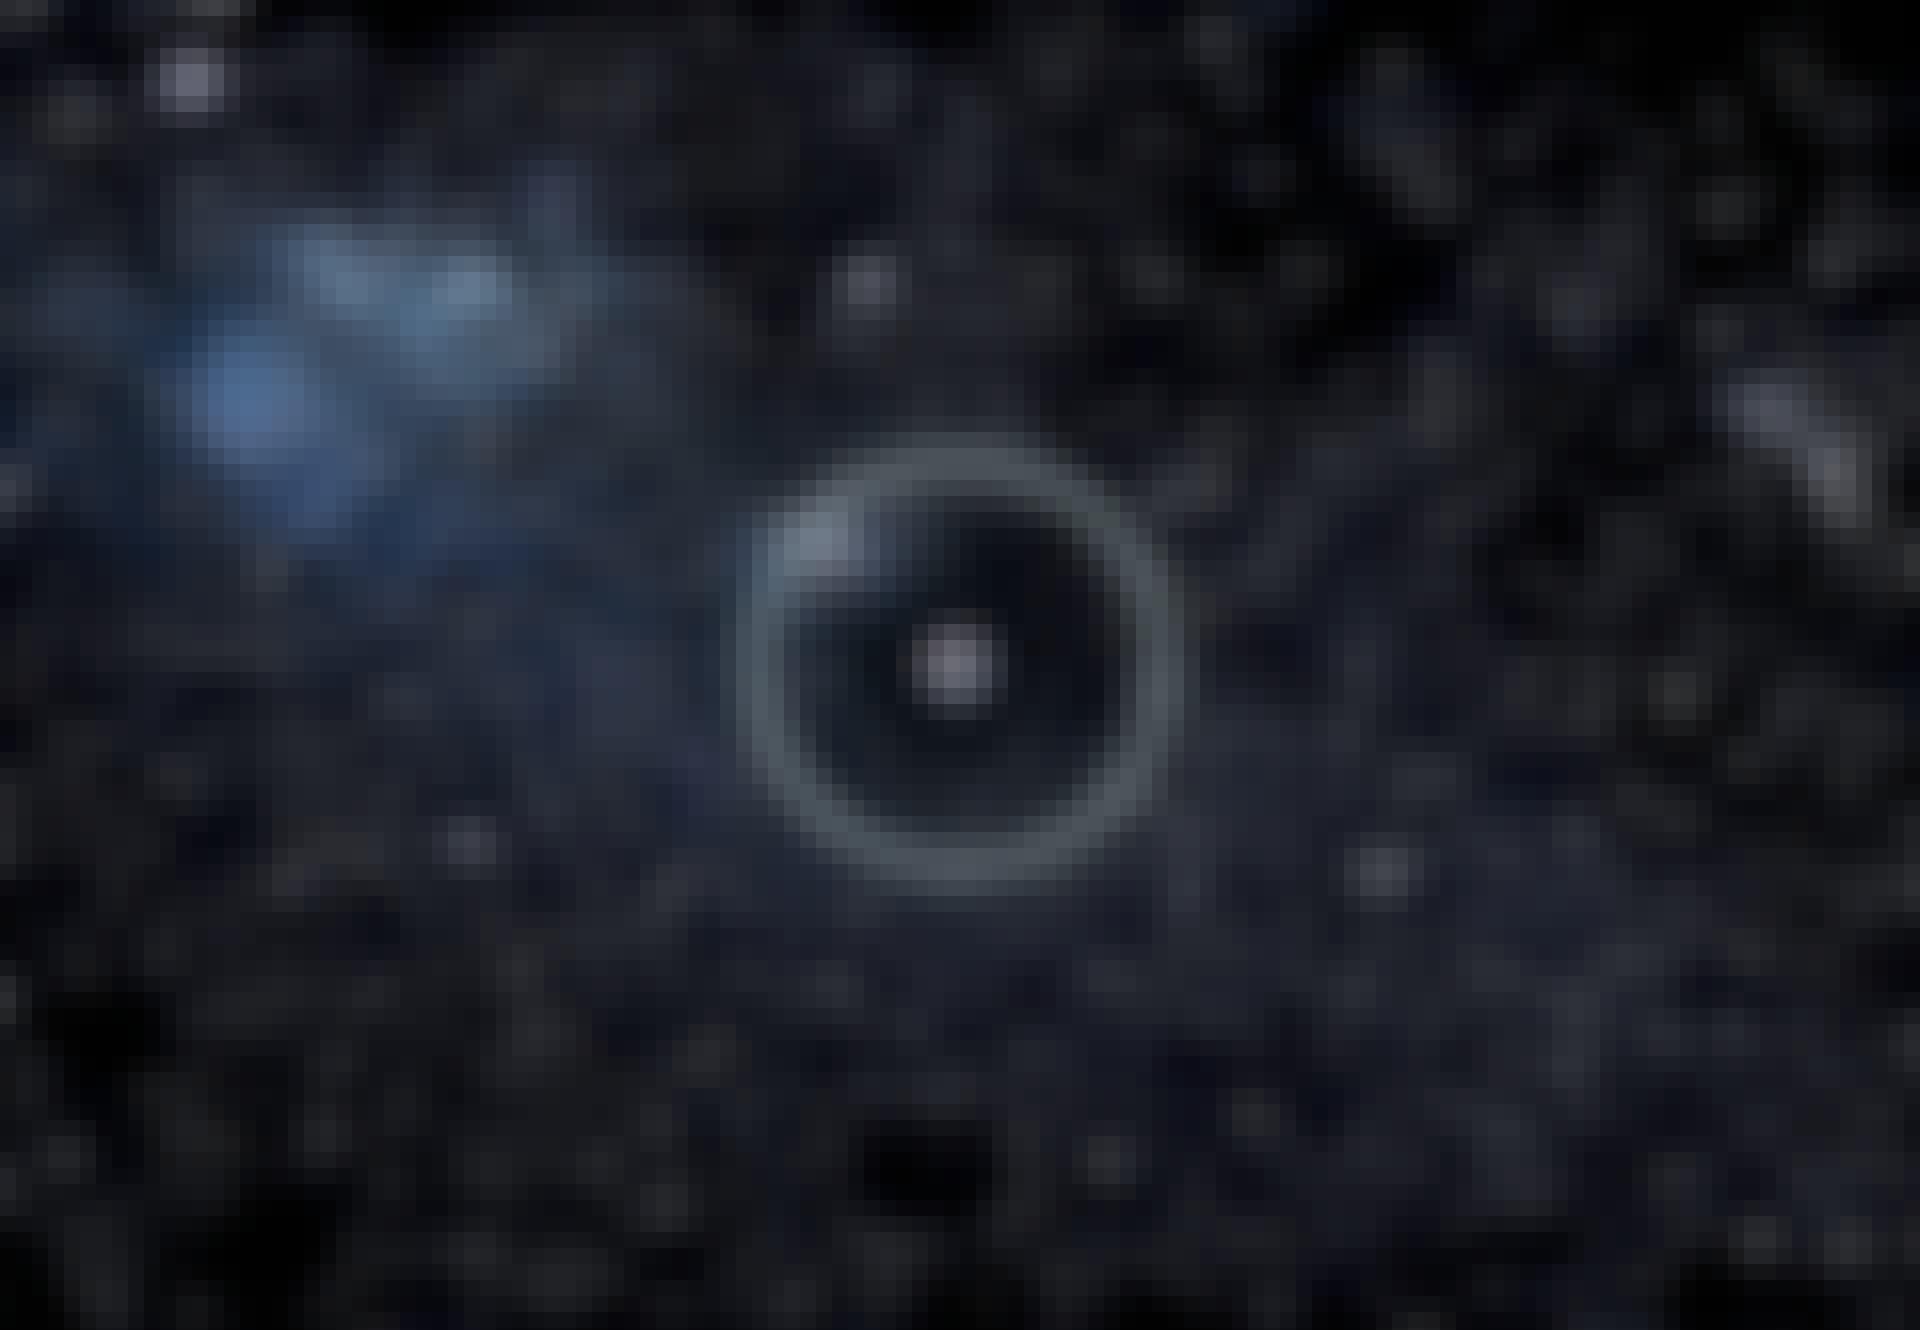 Näkyvä kaikkeus